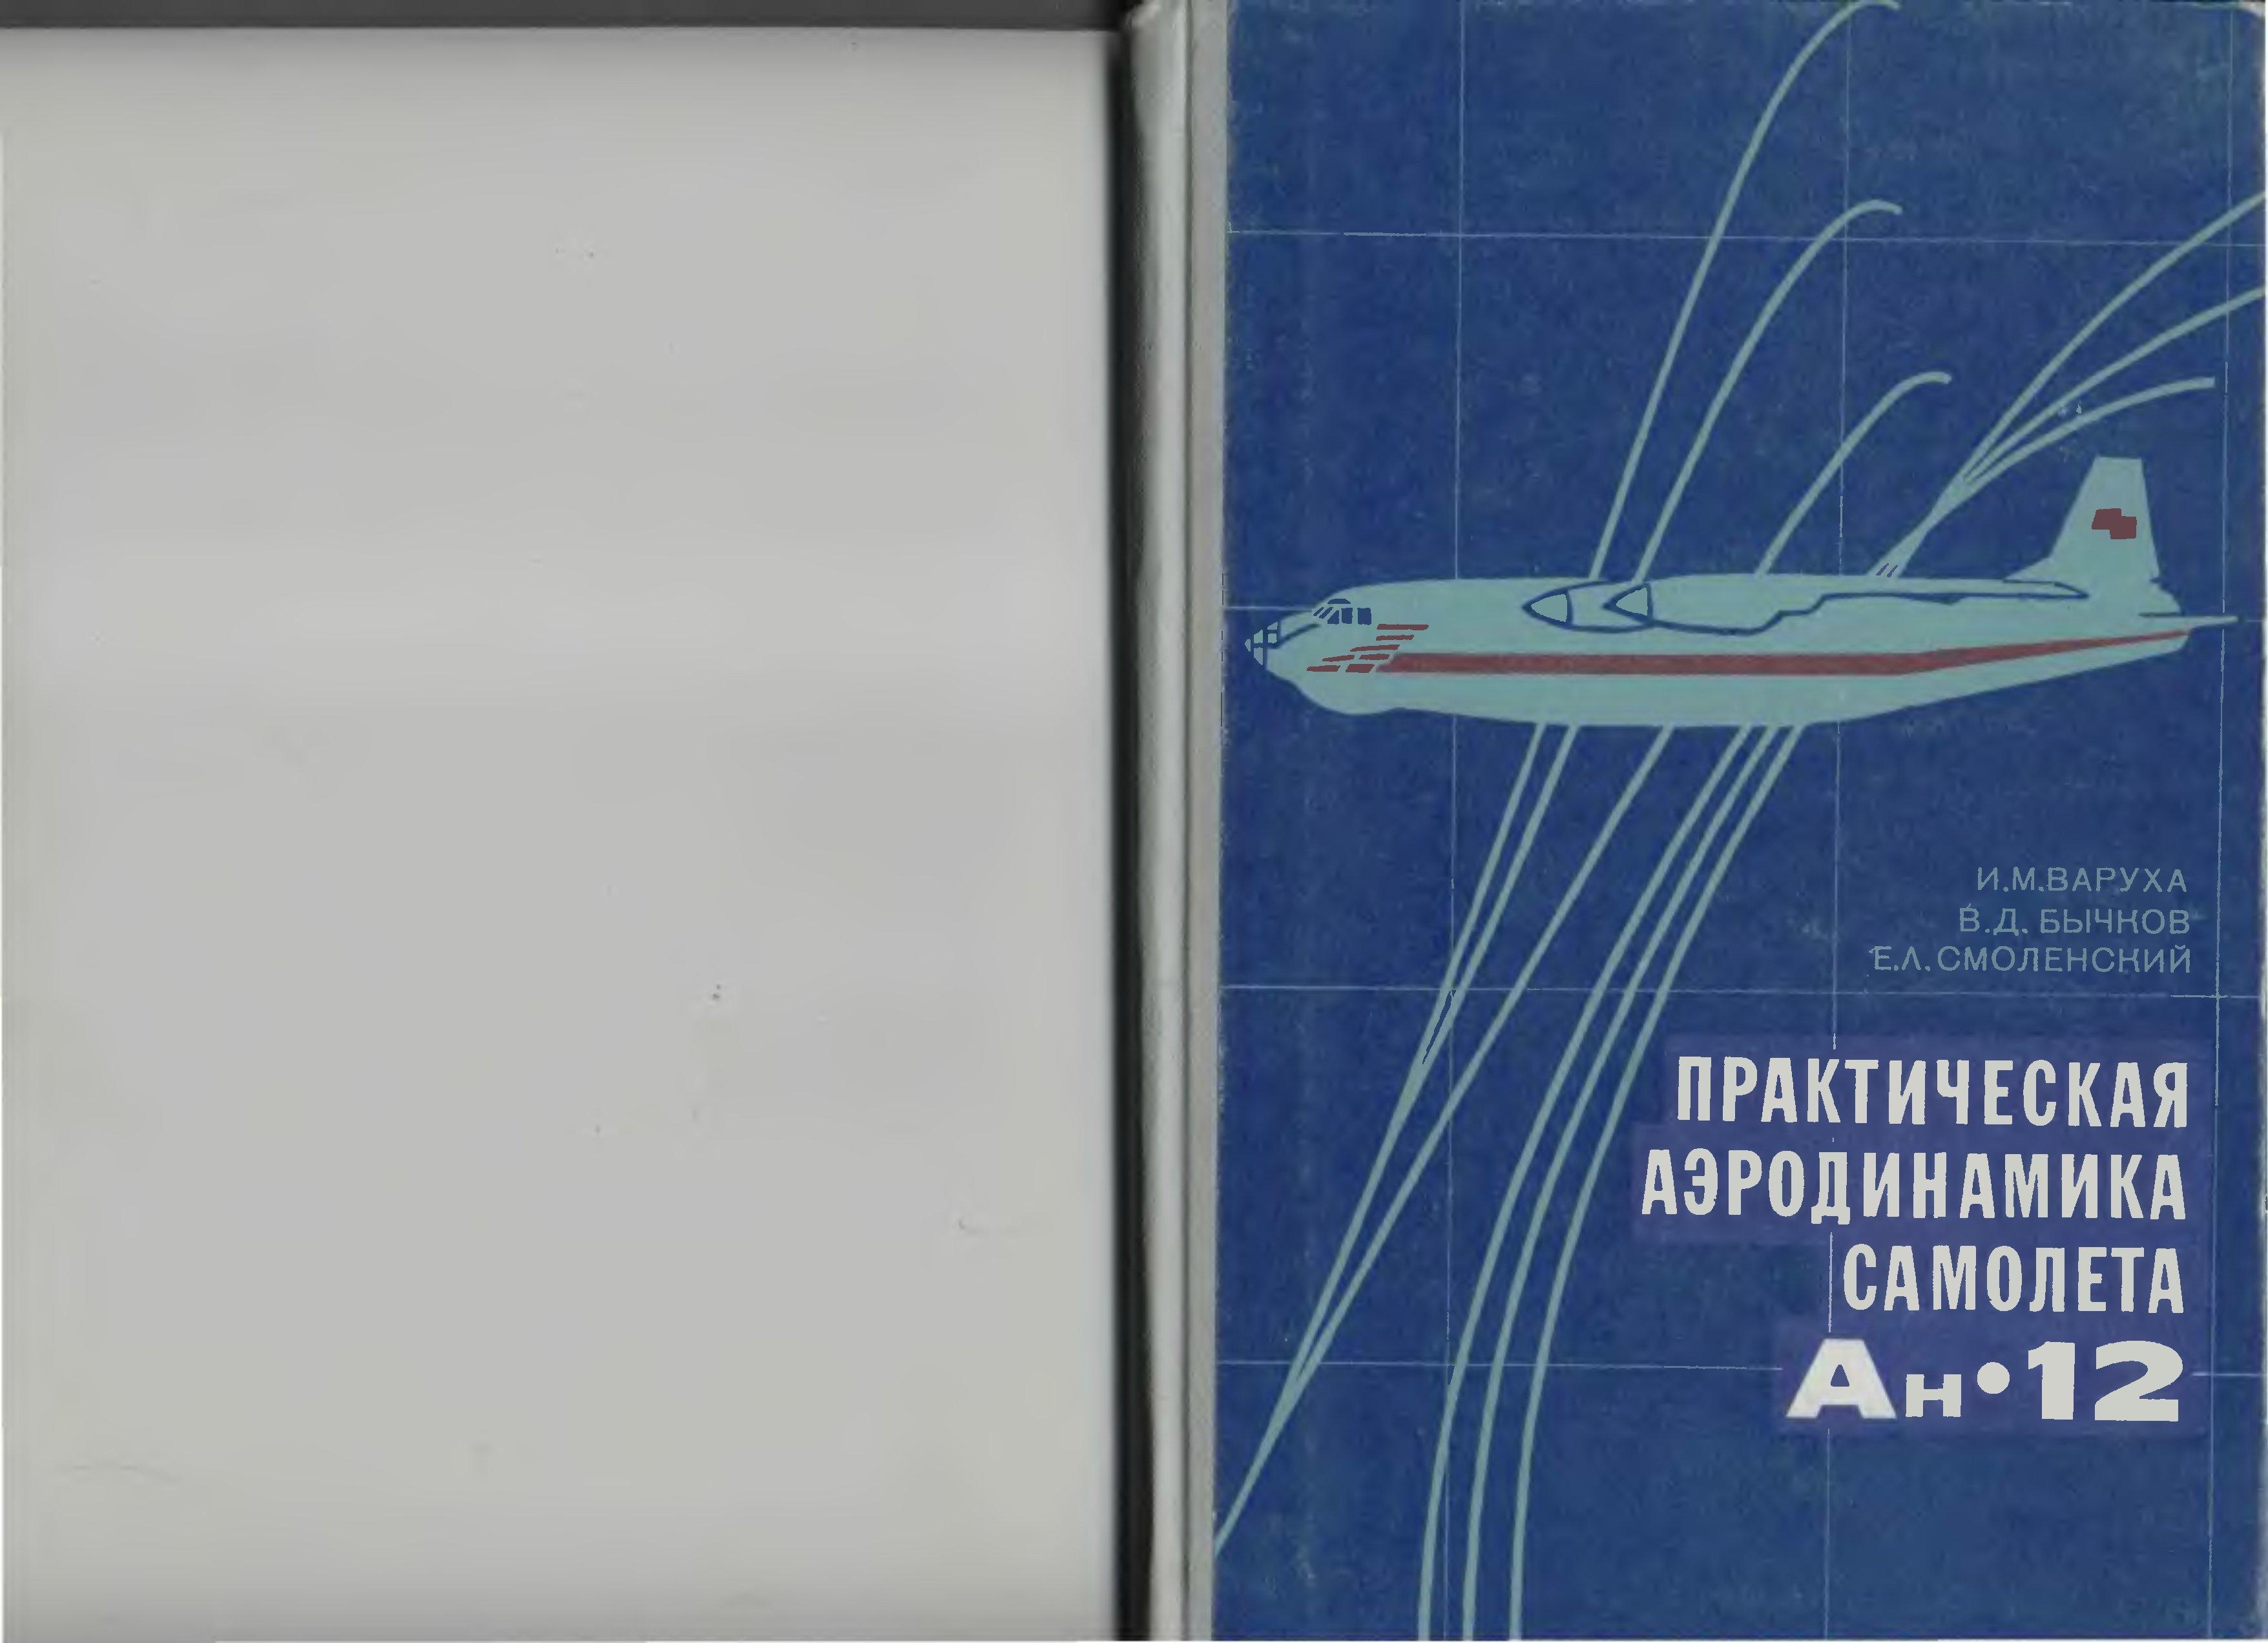 Практическая аэродинамика самолета Ан-12